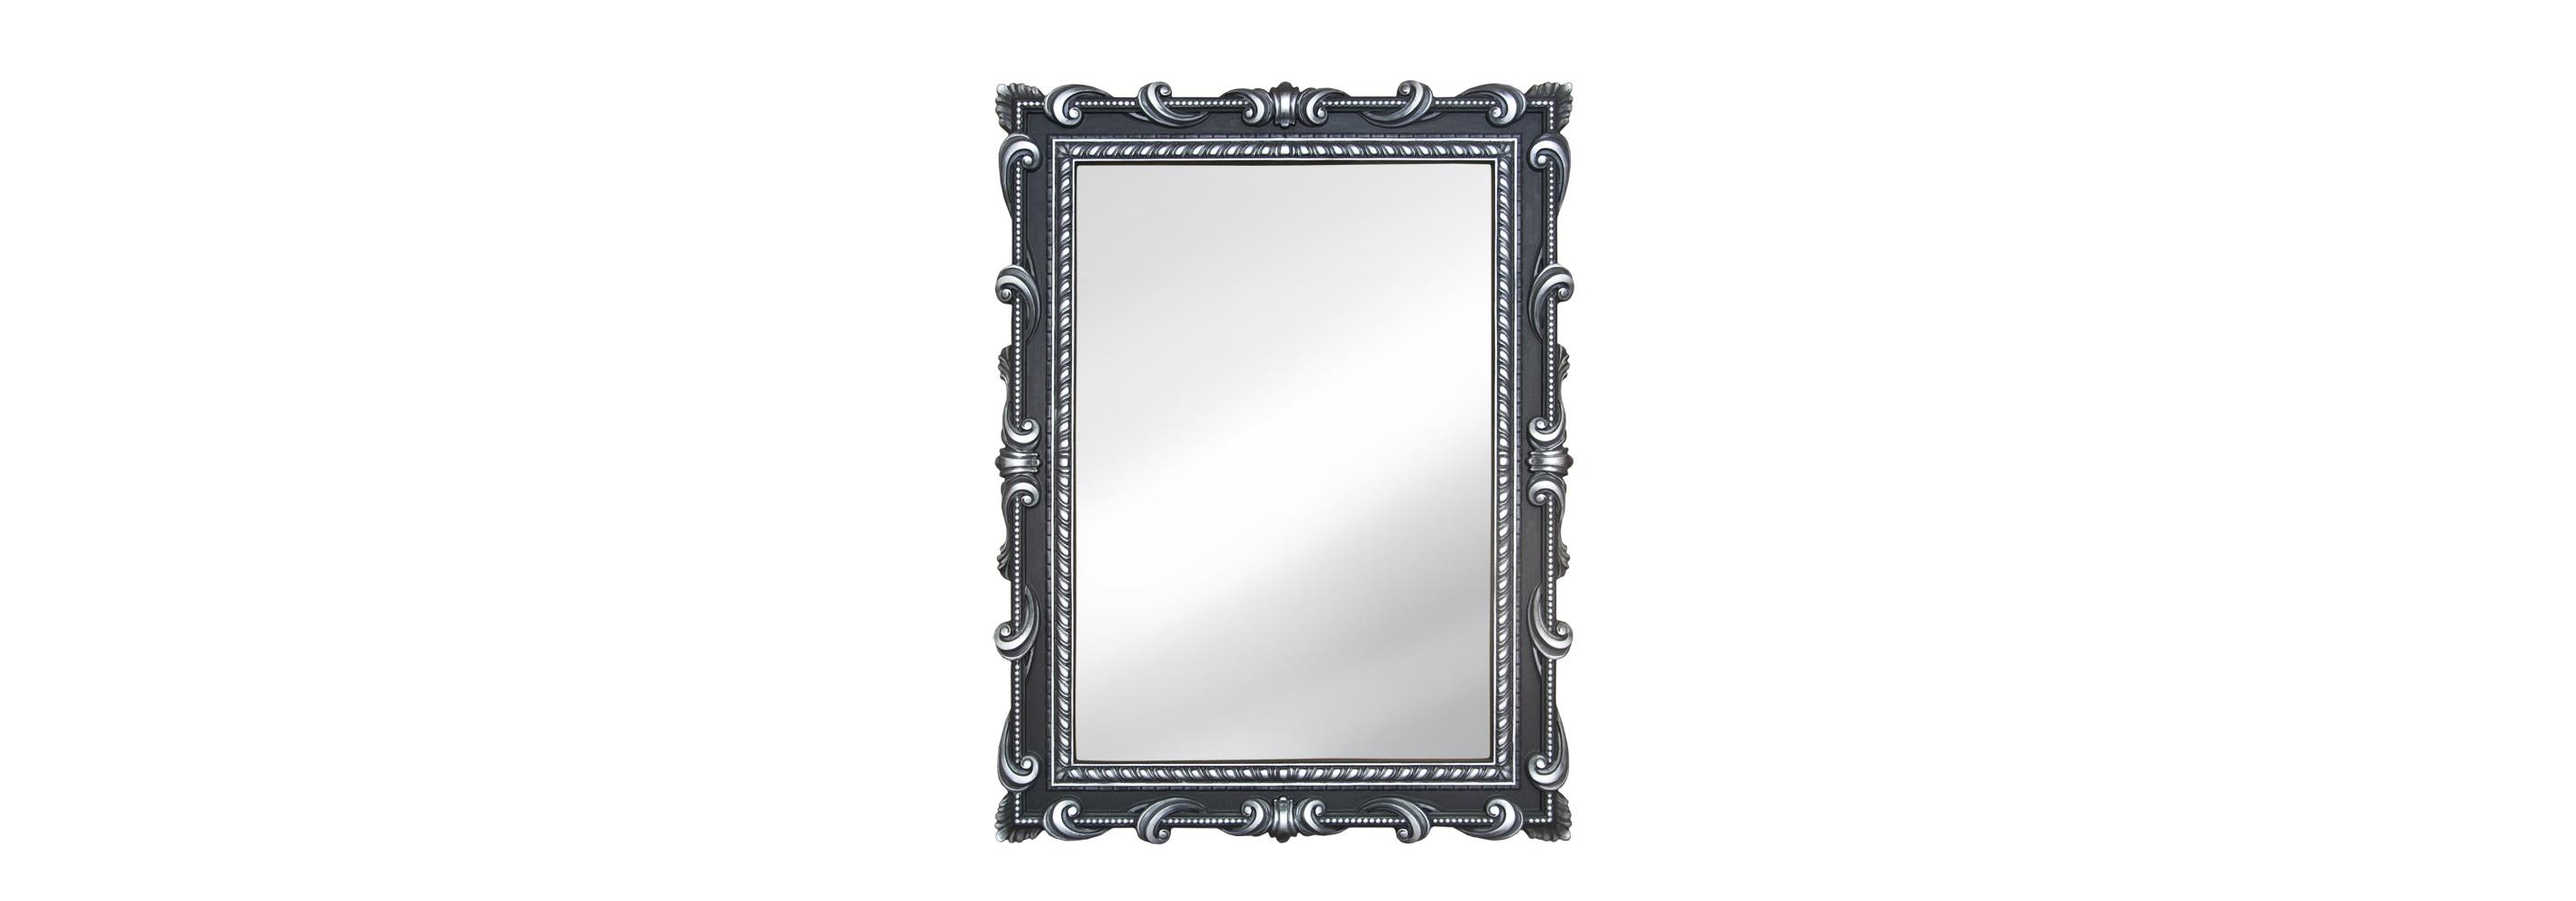 Зеркало ТЕНИАНастенные зеркала<br>&amp;lt;div&amp;gt;&amp;lt;div&amp;gt;Это зеркало ? немного строгое, чуть брутальное, классическое, но совсем не скучное. Изящная резьба в античном стиле выполнена по композитному полиуретану. Этот современный материал отличается от традиционного дерева неприхотливостью, влагоустойчивостью, простотой в уходе и приятным ценником. Лакокрасочное покрытие держится на нем на века и не теряет изначальных оттенков.&amp;lt;/div&amp;gt;&amp;lt;/div&amp;gt;&amp;lt;div&amp;gt;&amp;lt;br&amp;gt;&amp;lt;/div&amp;gt;&amp;lt;div&amp;gt;Цвет:&amp;amp;nbsp;Черное Серебро&amp;lt;/div&amp;gt;<br><br>Material: Полиуретан<br>Ширина см: 72<br>Высота см: 94<br>Глубина см: 4